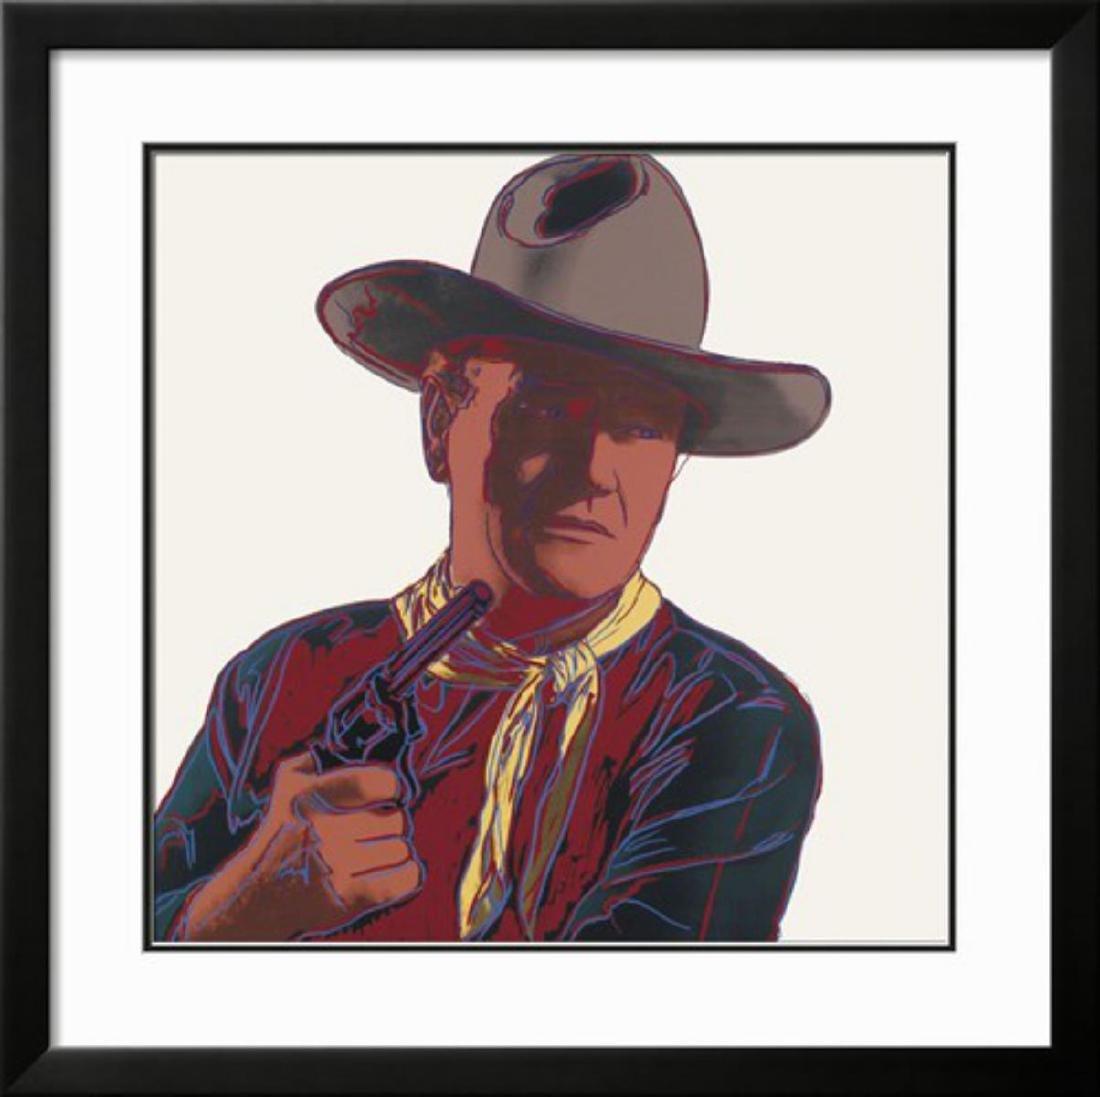 """Andy Warhol """"Cowboys & Indians: John Wayne, 1986"""""""